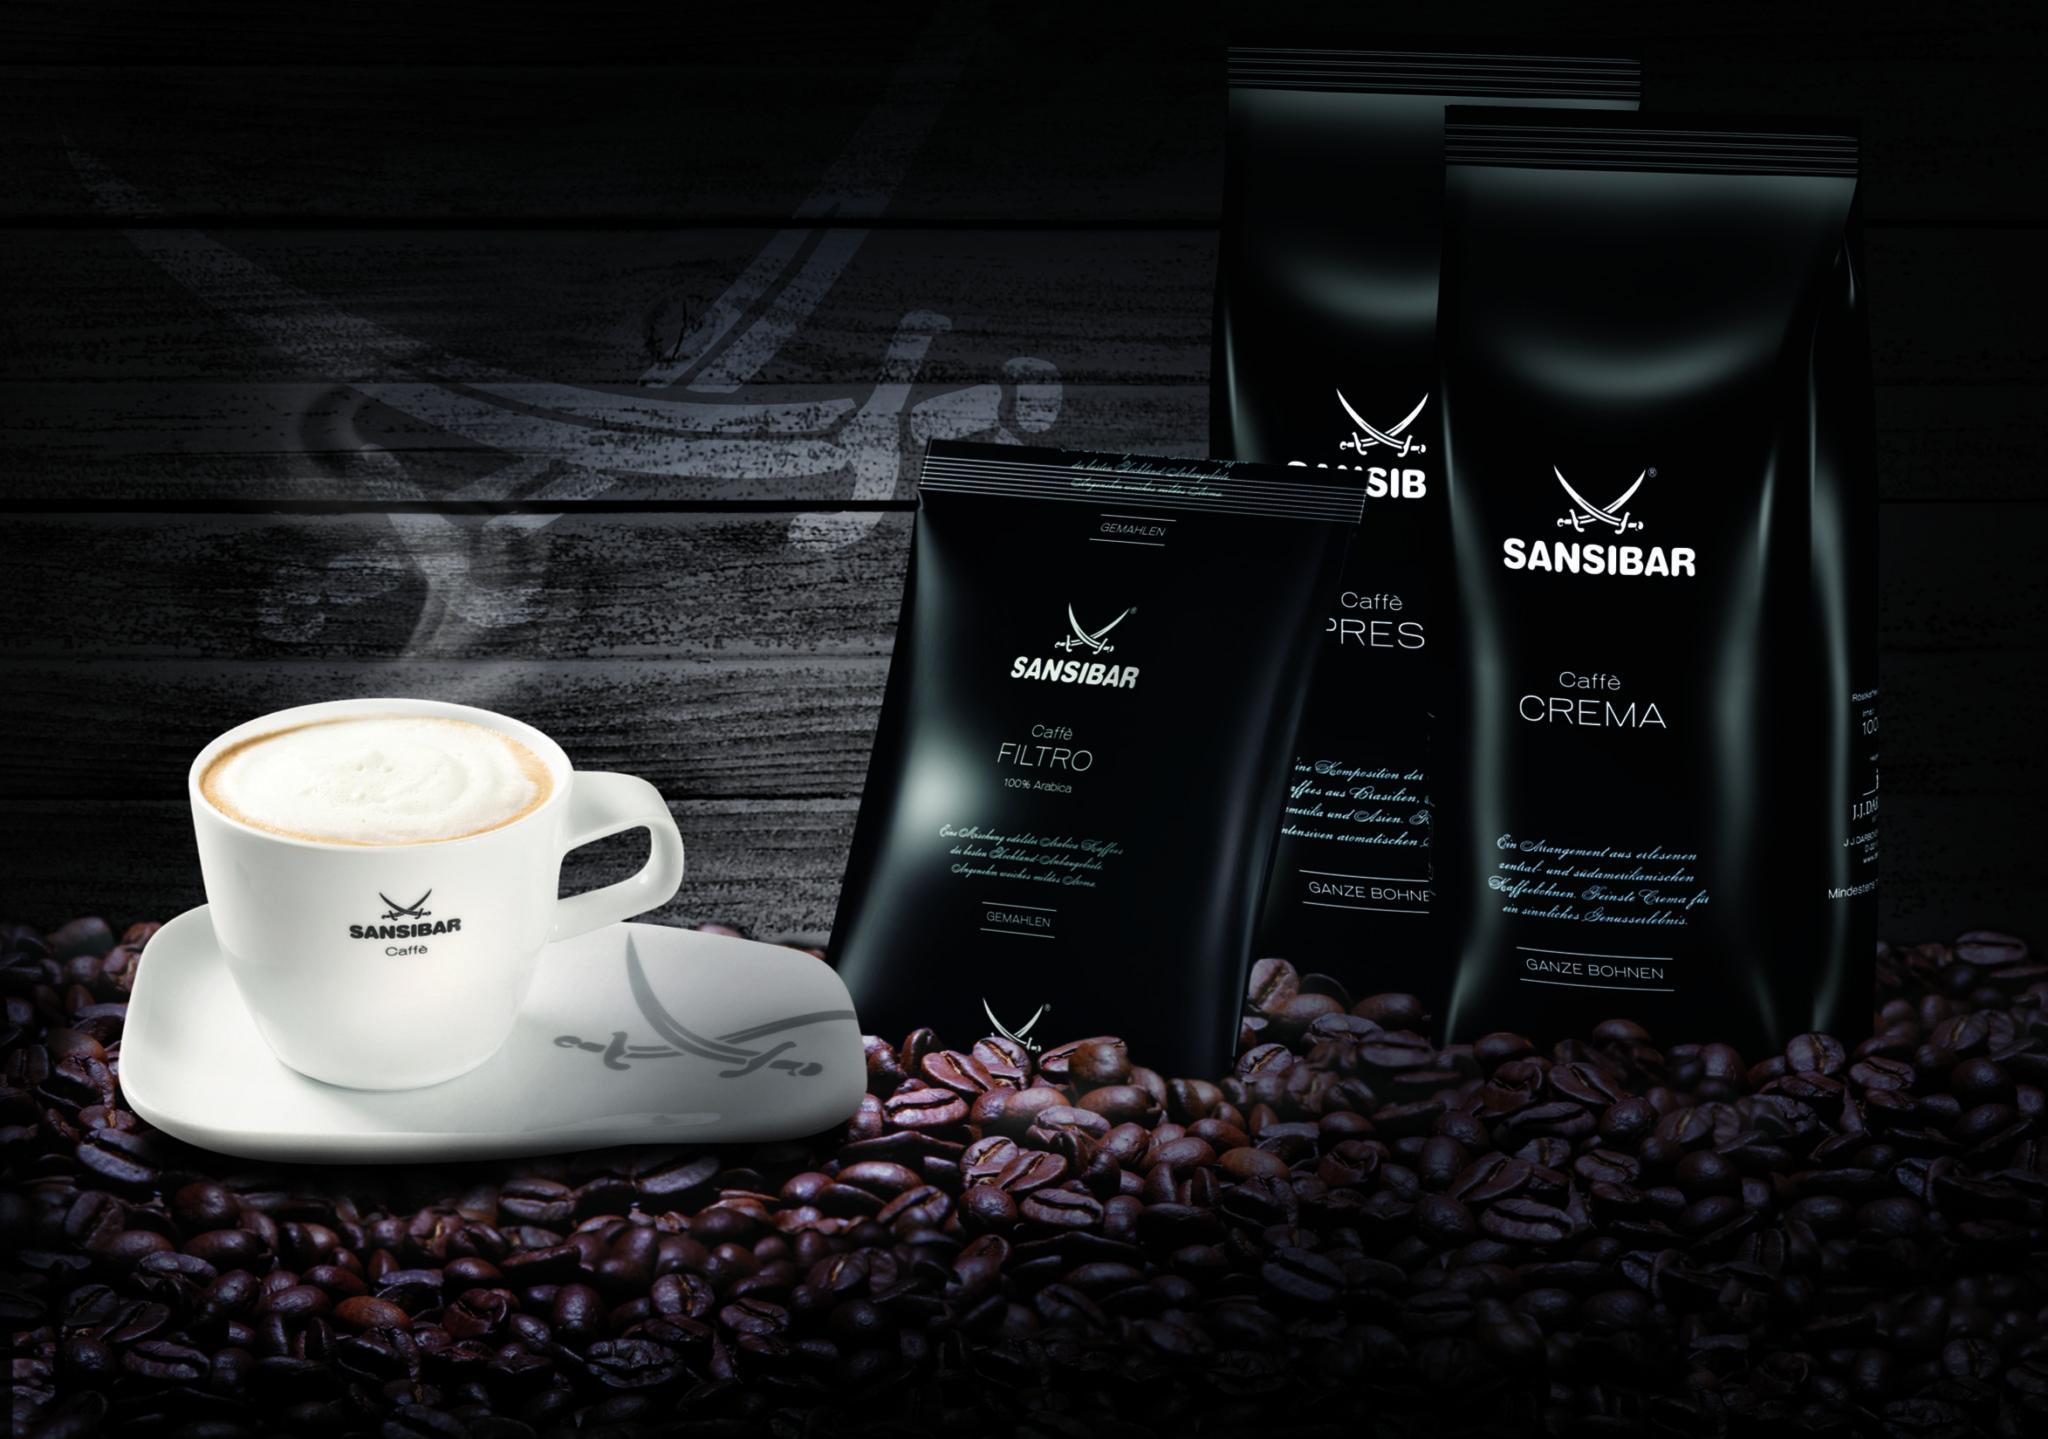 Sansibar Caffè